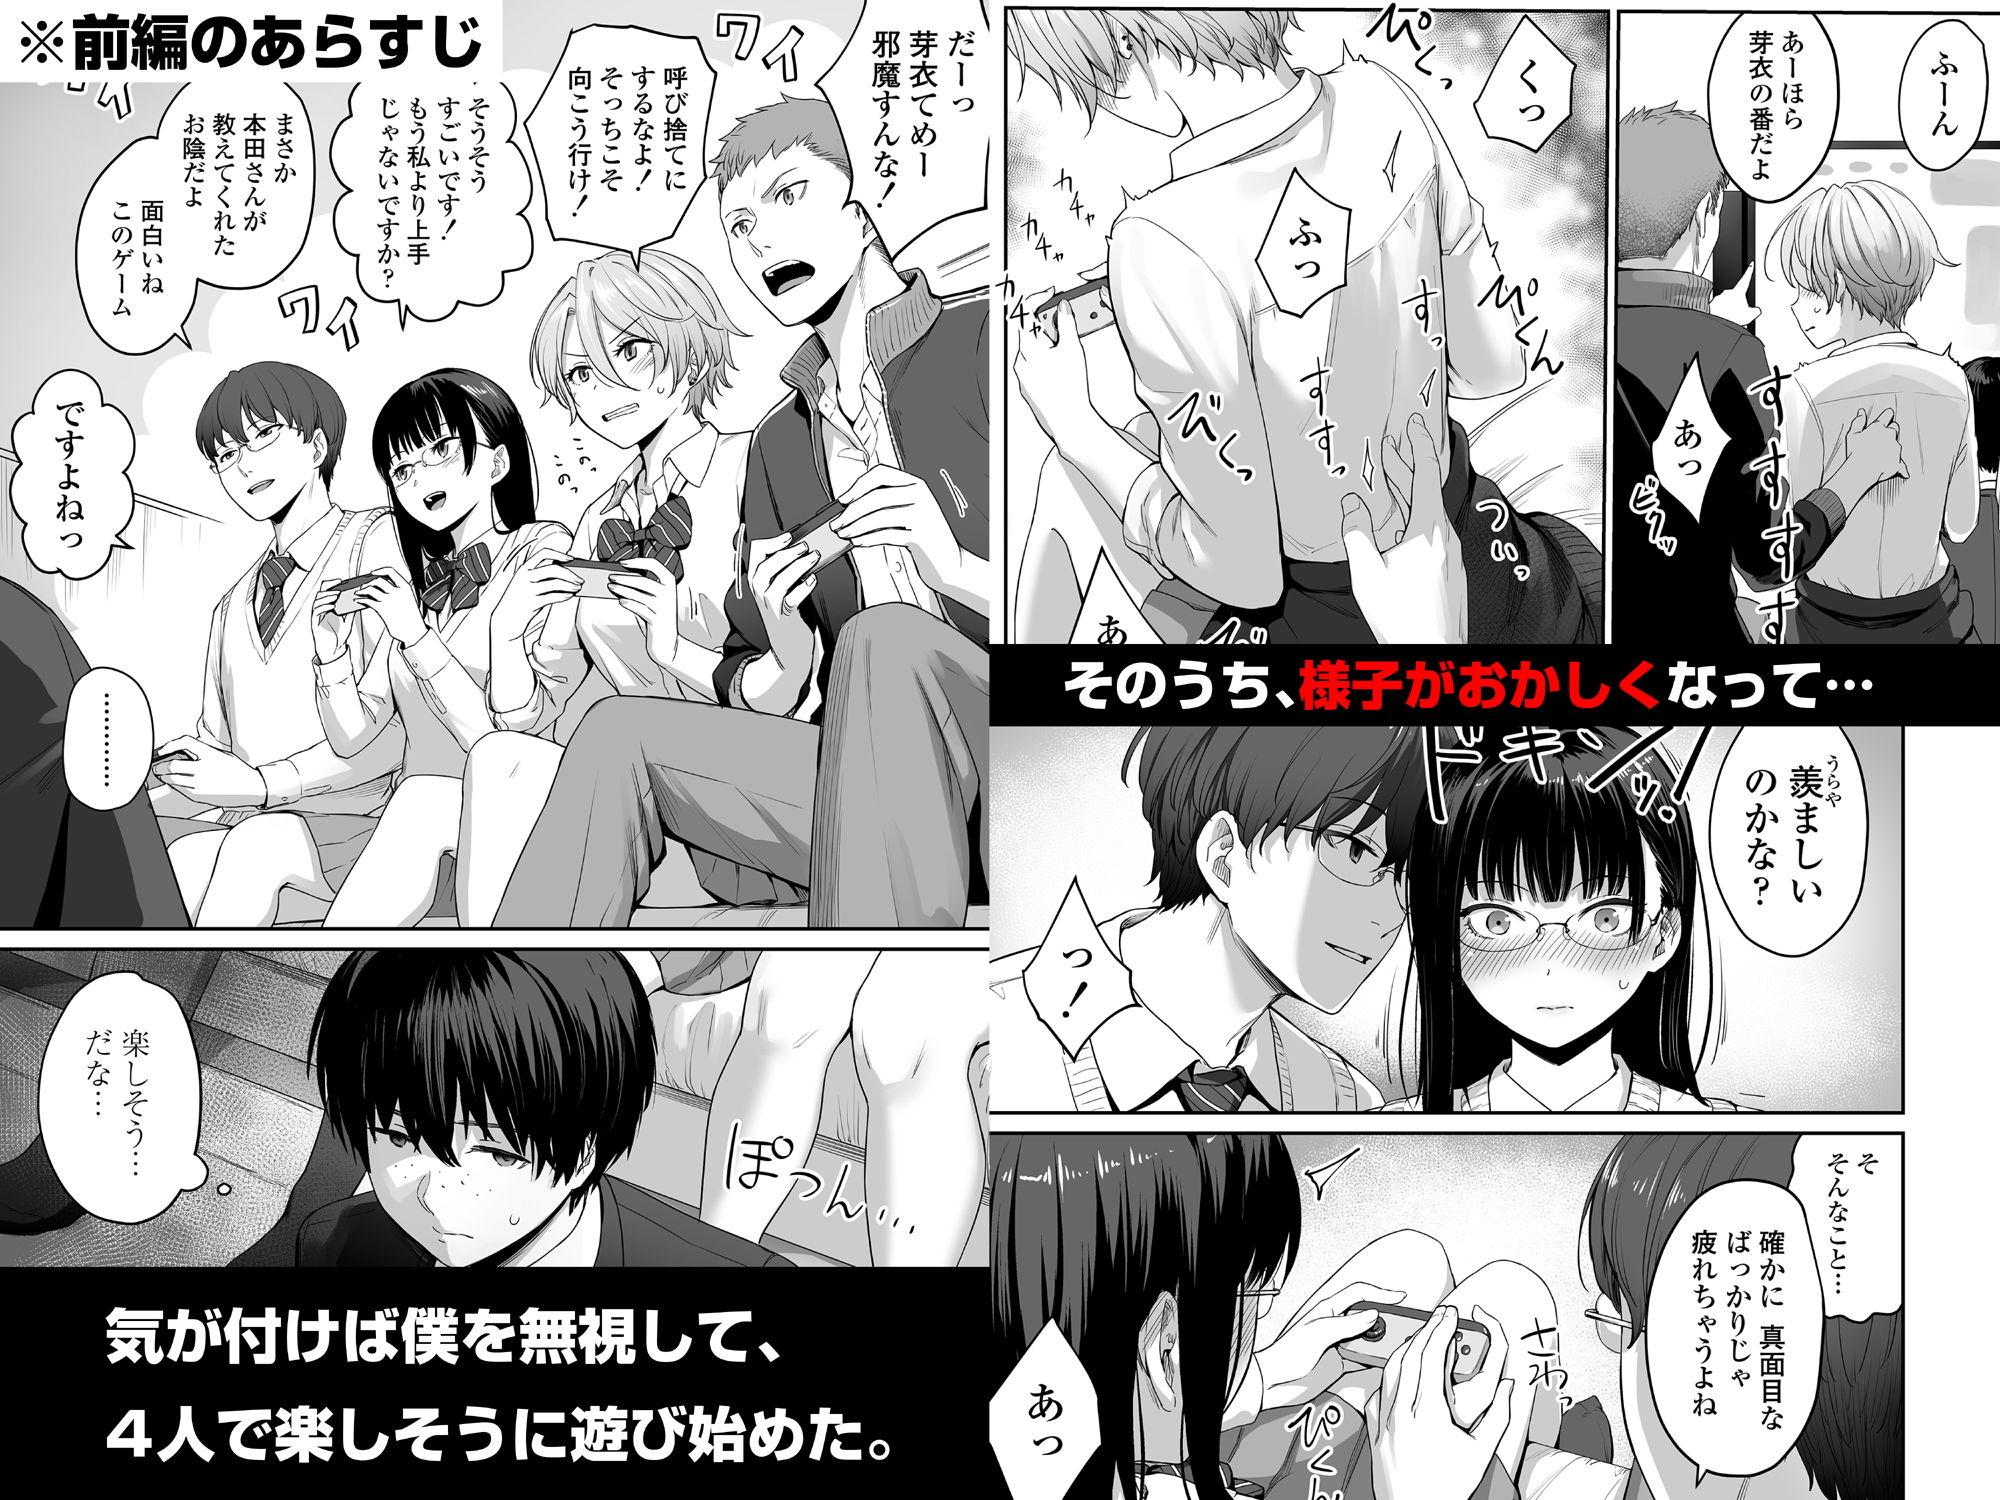 【エロ漫画】ぼくだけがセックスできない家 続編 著・紅村かる 【同人コミック】#3